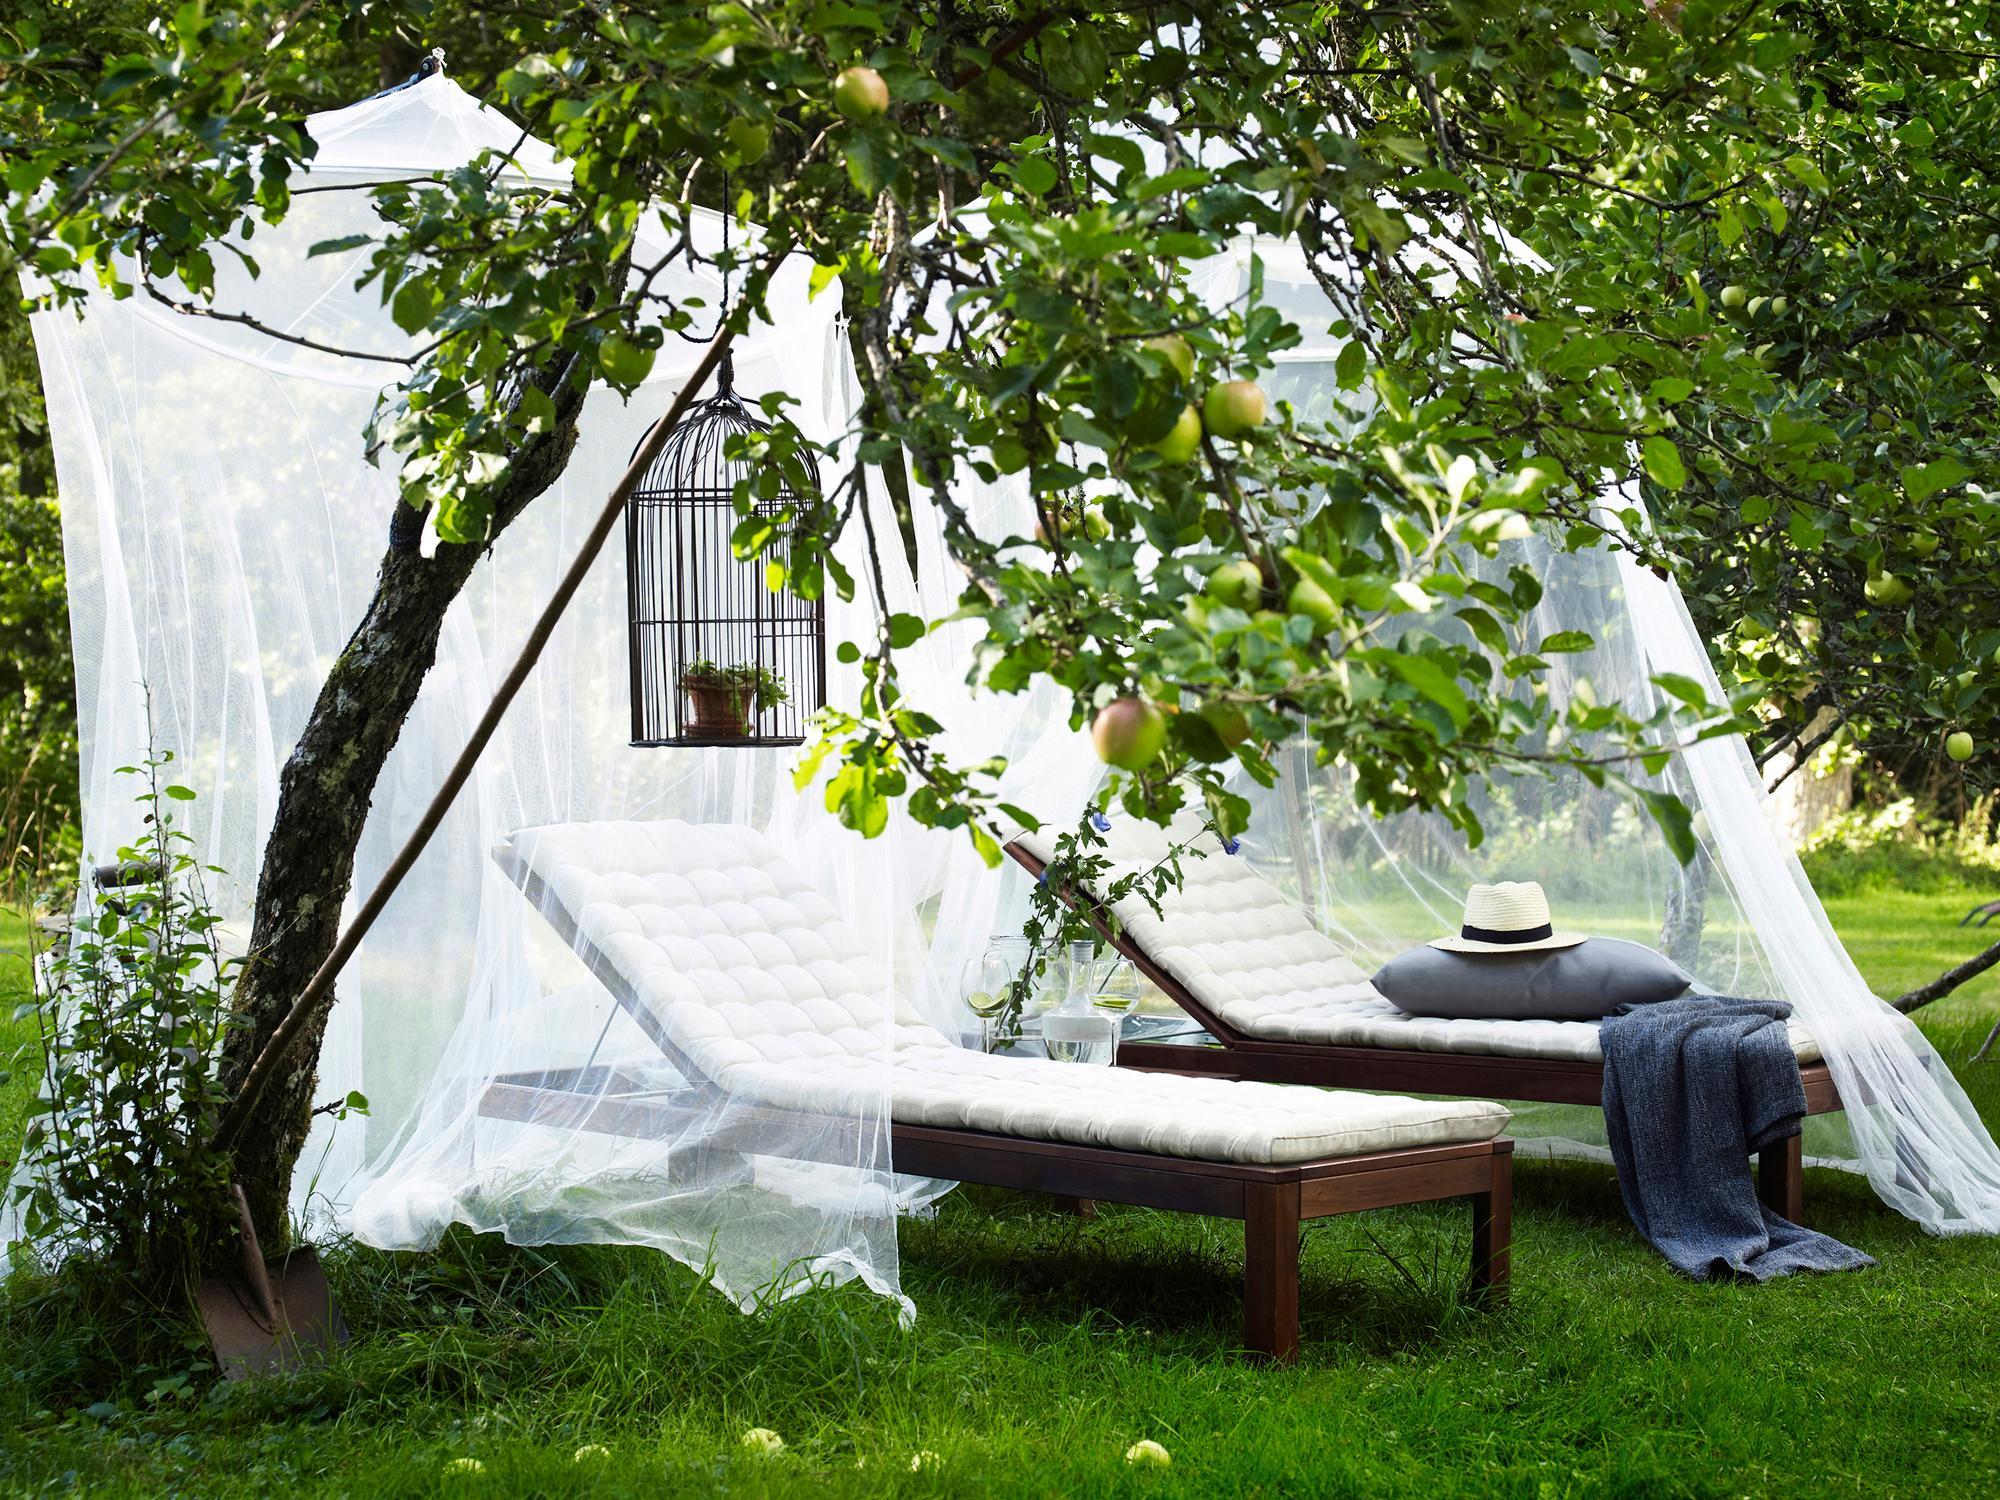 Full Size of Gartenliege Holz Ikea Sonnenliege Gartenliegen Küche Weiß Bad Unterschrank Bett Betten Bei Esstisch Alu Fenster Preise Regal Massivholz 180x200 Modulküche Wohnzimmer Gartenliege Holz Ikea